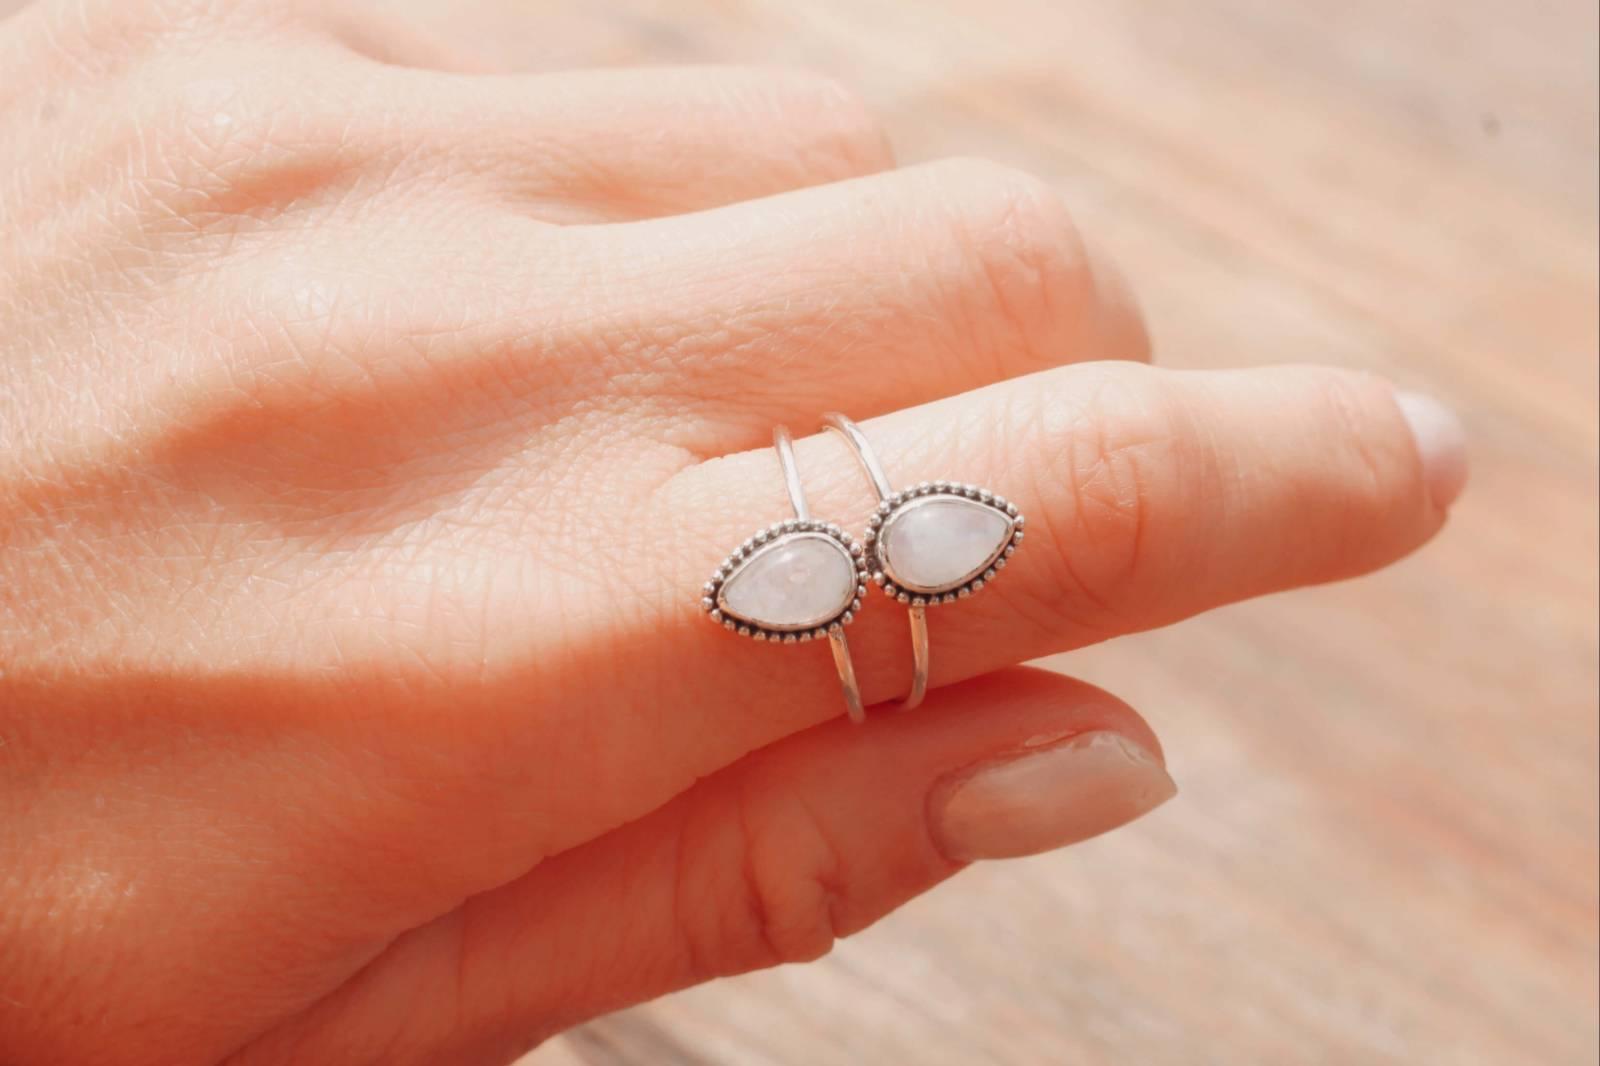 Boho Ring Doppelt Mondstein Hippie Style Made in Bali Tränenform Silber